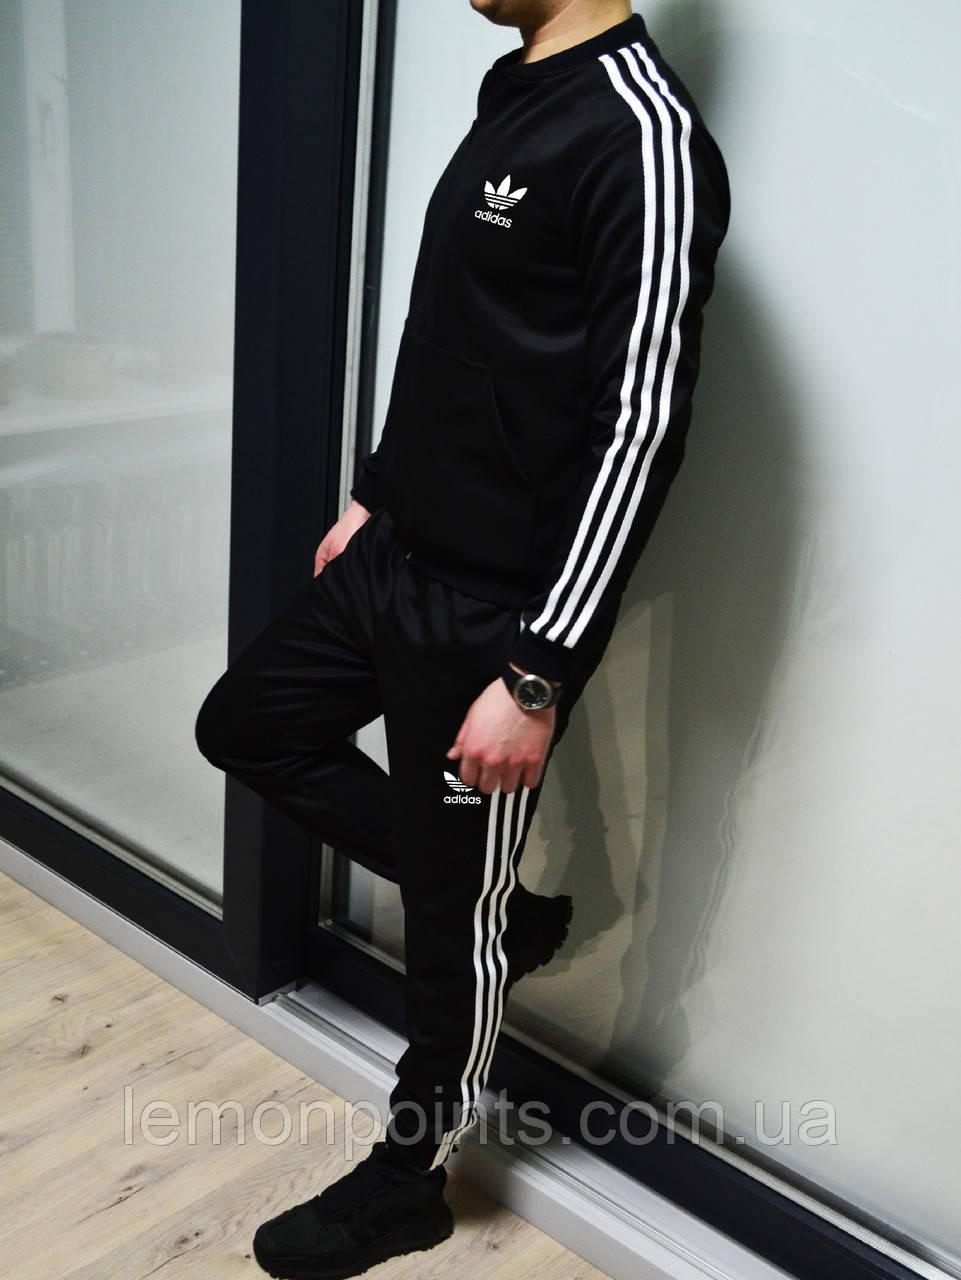 Теплый мужской спортивный костюм с лампасами Adidas на молнии (адидас) дайвинг черный (Флис)